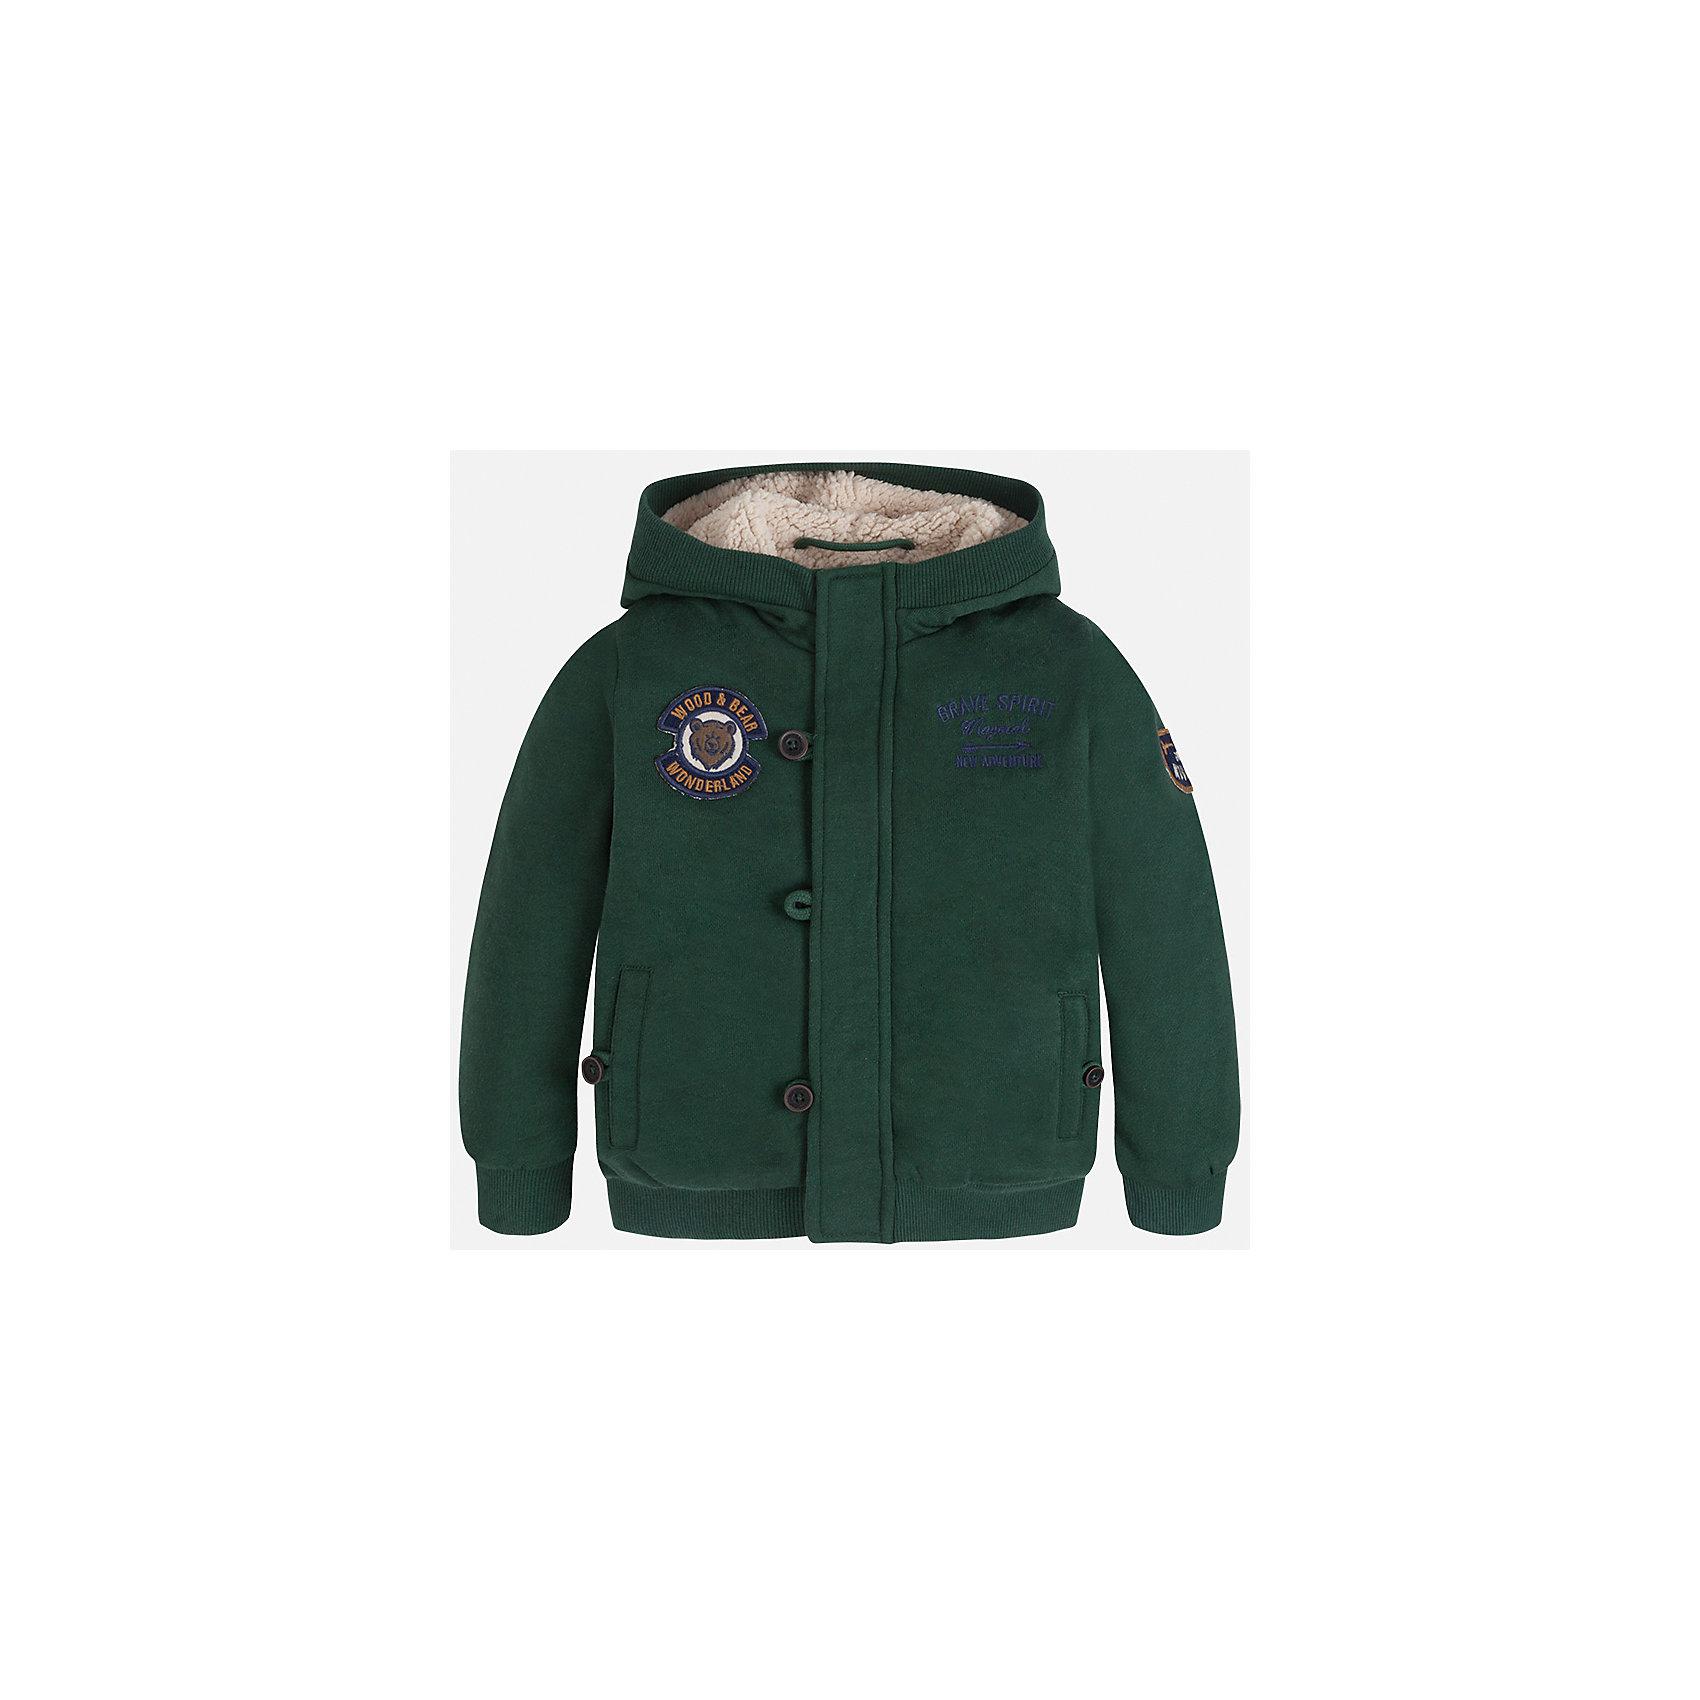 Куртка для мальчика MayoralВерхняя одежда<br>Характеристики товара:<br><br>• цвет: зеленый<br>• состав ткани: 65% полиэстер, 35% хлопок<br>• подкладка: 100% полиэстер<br>• сезон: демисезон<br>• особенности куртки: на молнии<br>• капюшон: без меха, несъемный<br>• застежка: молния<br>• страна бренда: Испания<br>• страна изготовитель: Индия<br><br>Эта детская куртка от Mayoral дополнена удобными карманами и капюшоном. Куртка для мальчика сшита из приятного на ощупь материала. Детская одежда от испанской компании Mayoral, как и эта демисезонная куртка, отличается оригинальным и всегда стильным дизайном. Качество продукции неизменно очень высокое.<br><br>Куртку для мальчика Mayoral (Майорал) можно купить в нашем интернет-магазине.<br><br>Ширина мм: 356<br>Глубина мм: 10<br>Высота мм: 245<br>Вес г: 519<br>Цвет: зеленый<br>Возраст от месяцев: 18<br>Возраст до месяцев: 24<br>Пол: Мужской<br>Возраст: Детский<br>Размер: 104,98,92,134,128,122,116,110<br>SKU: 6932749